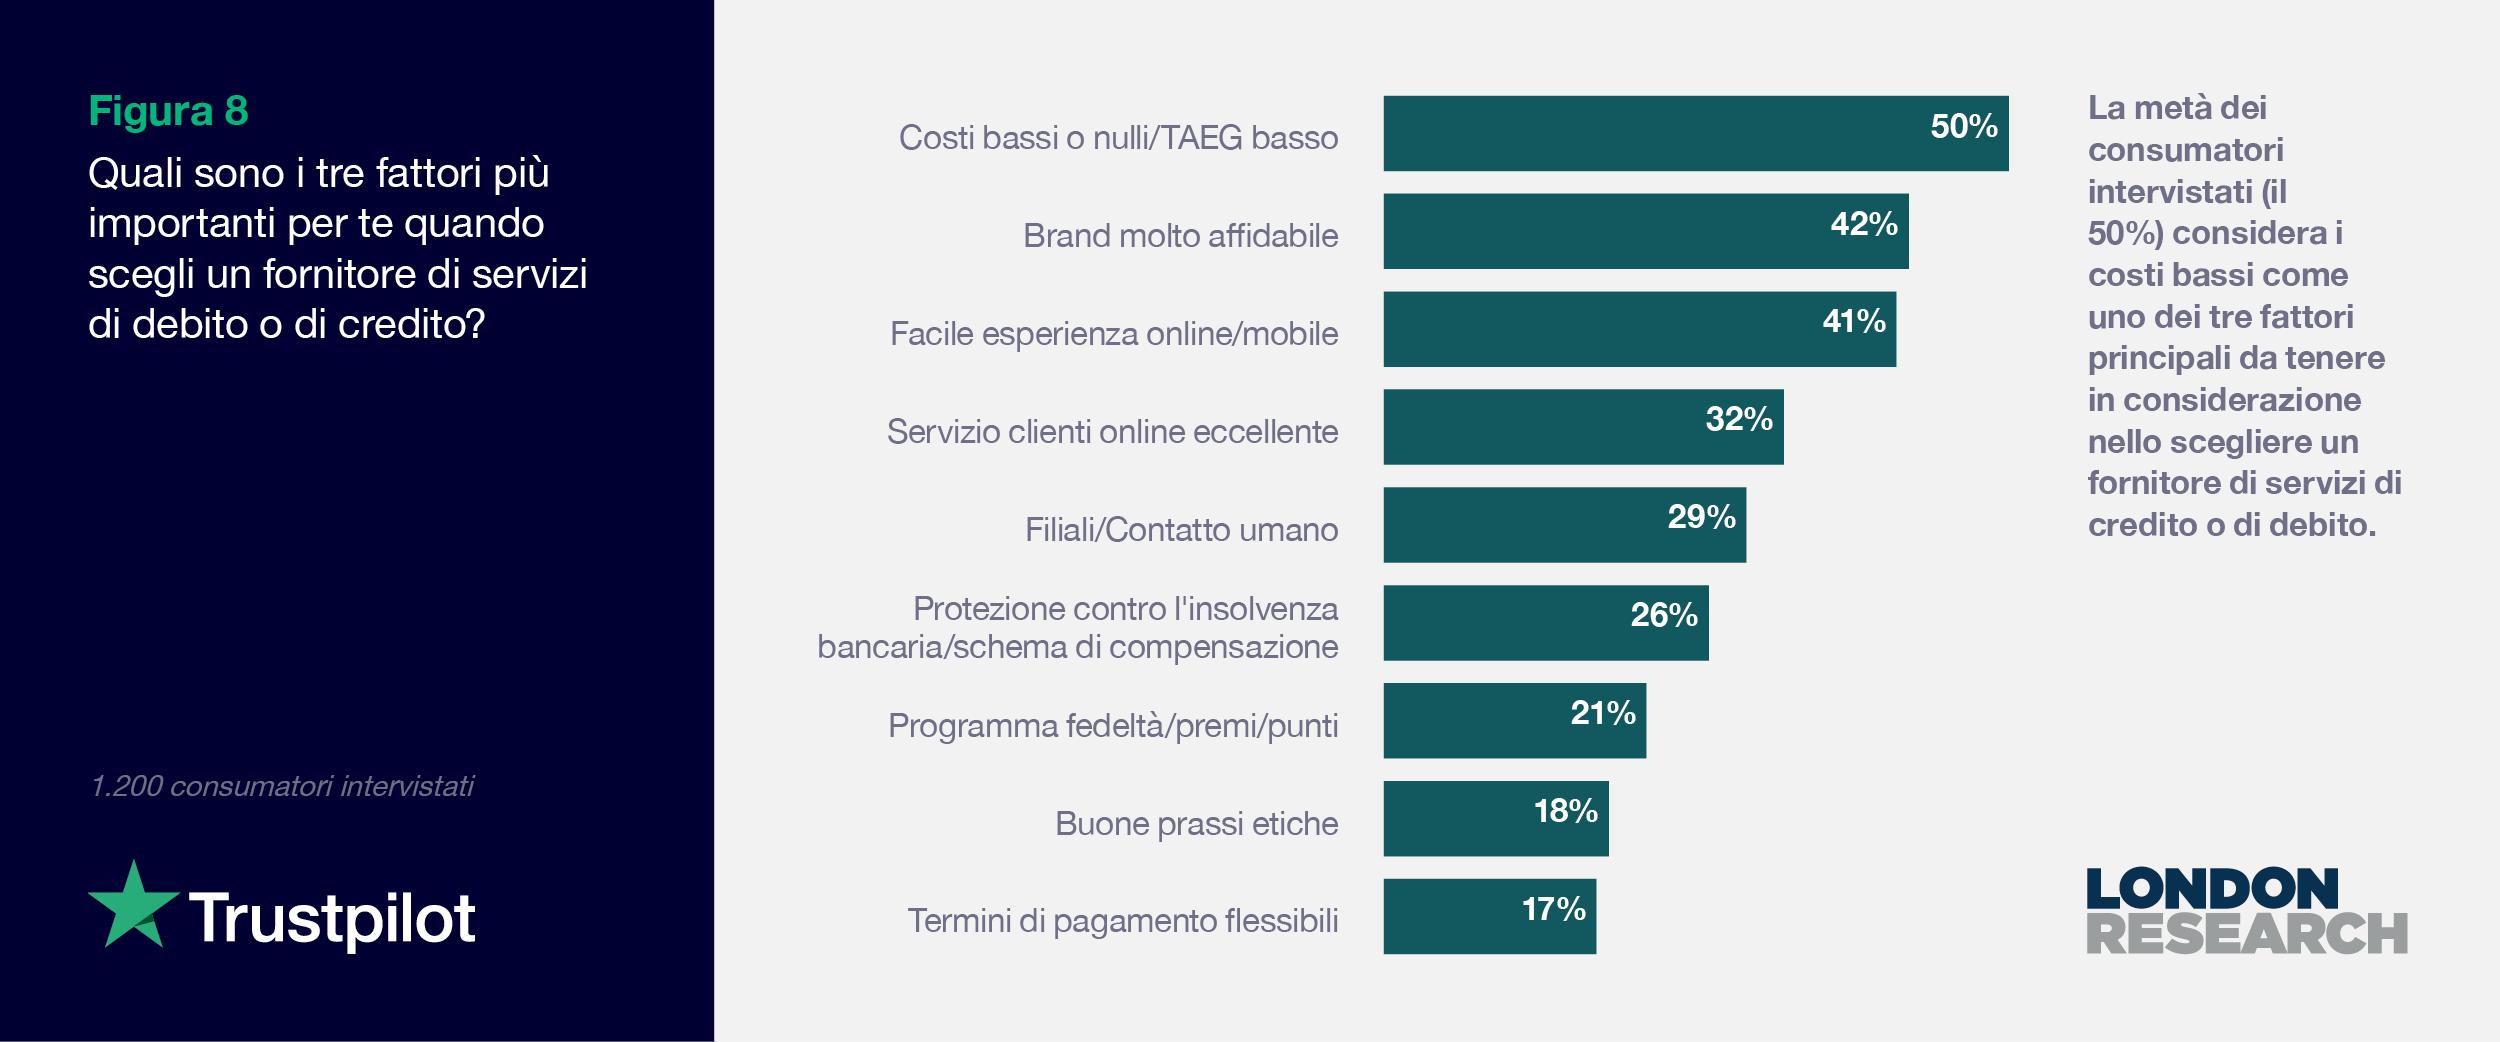 Figura 8 - Finance Report 2021